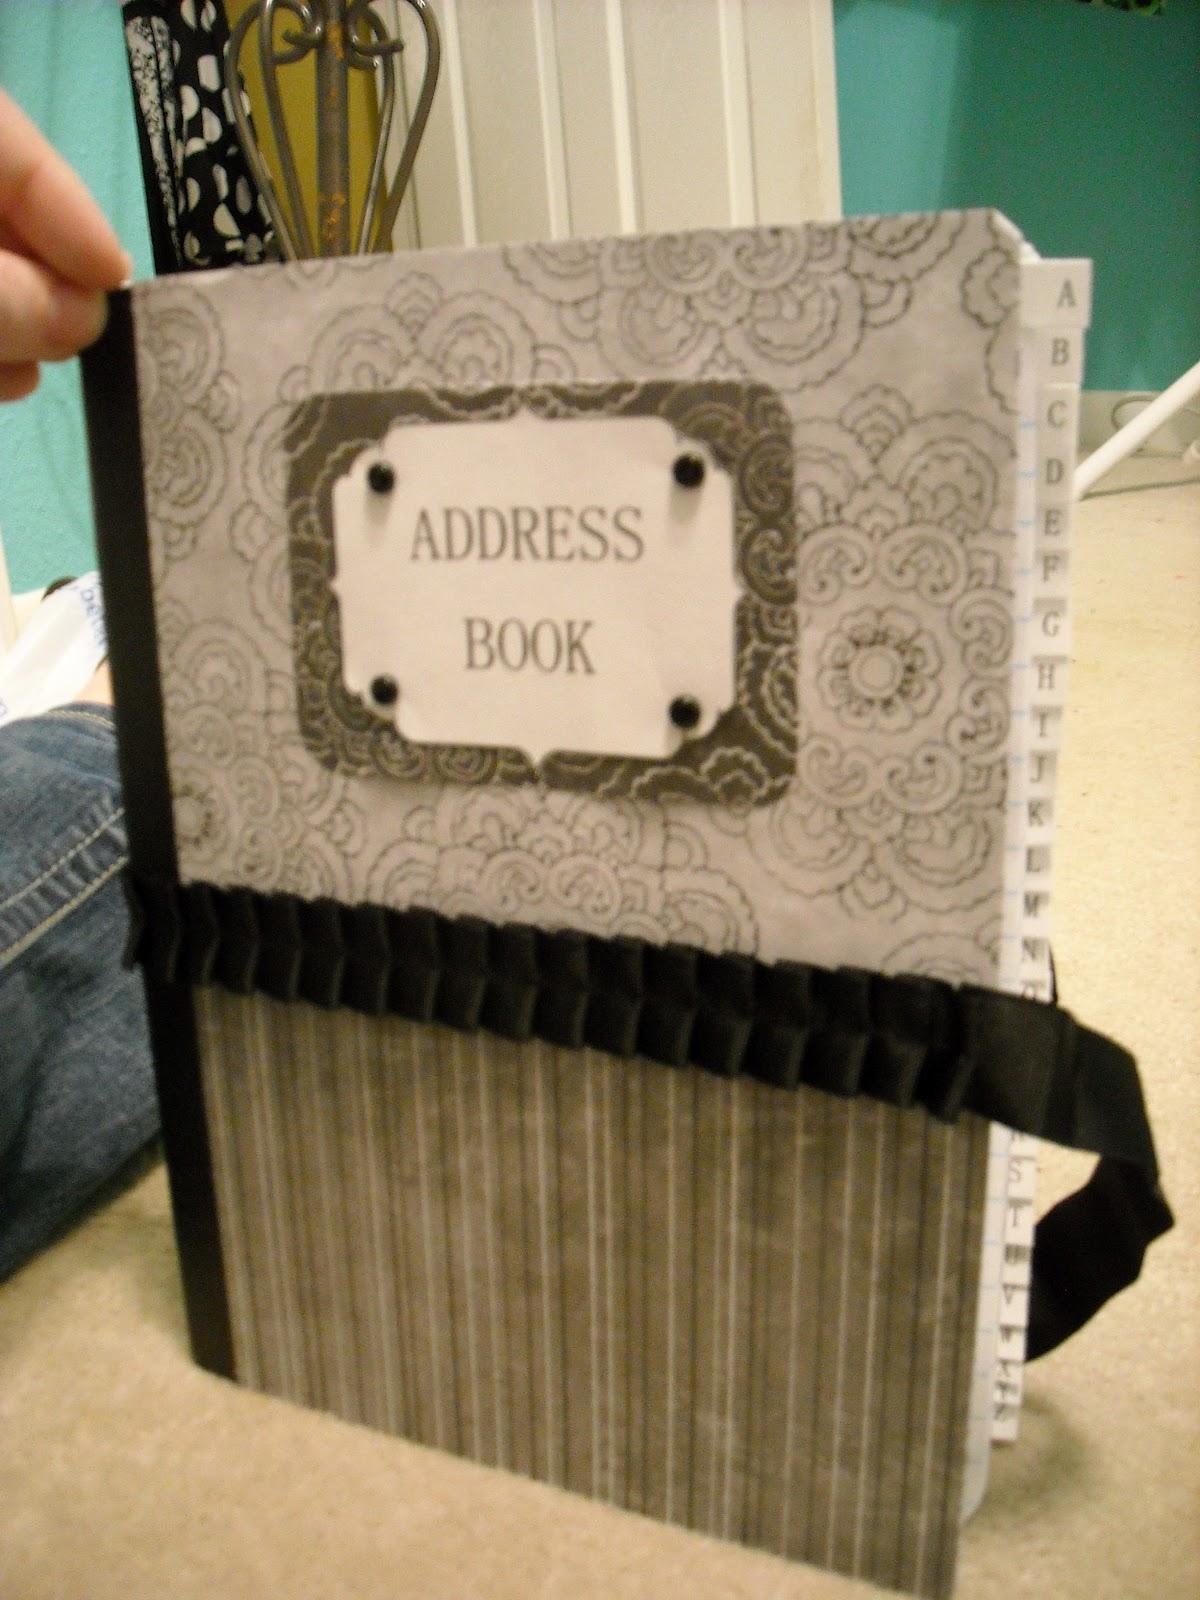 Phone Book Cover Diy : Nik s naks diy address book